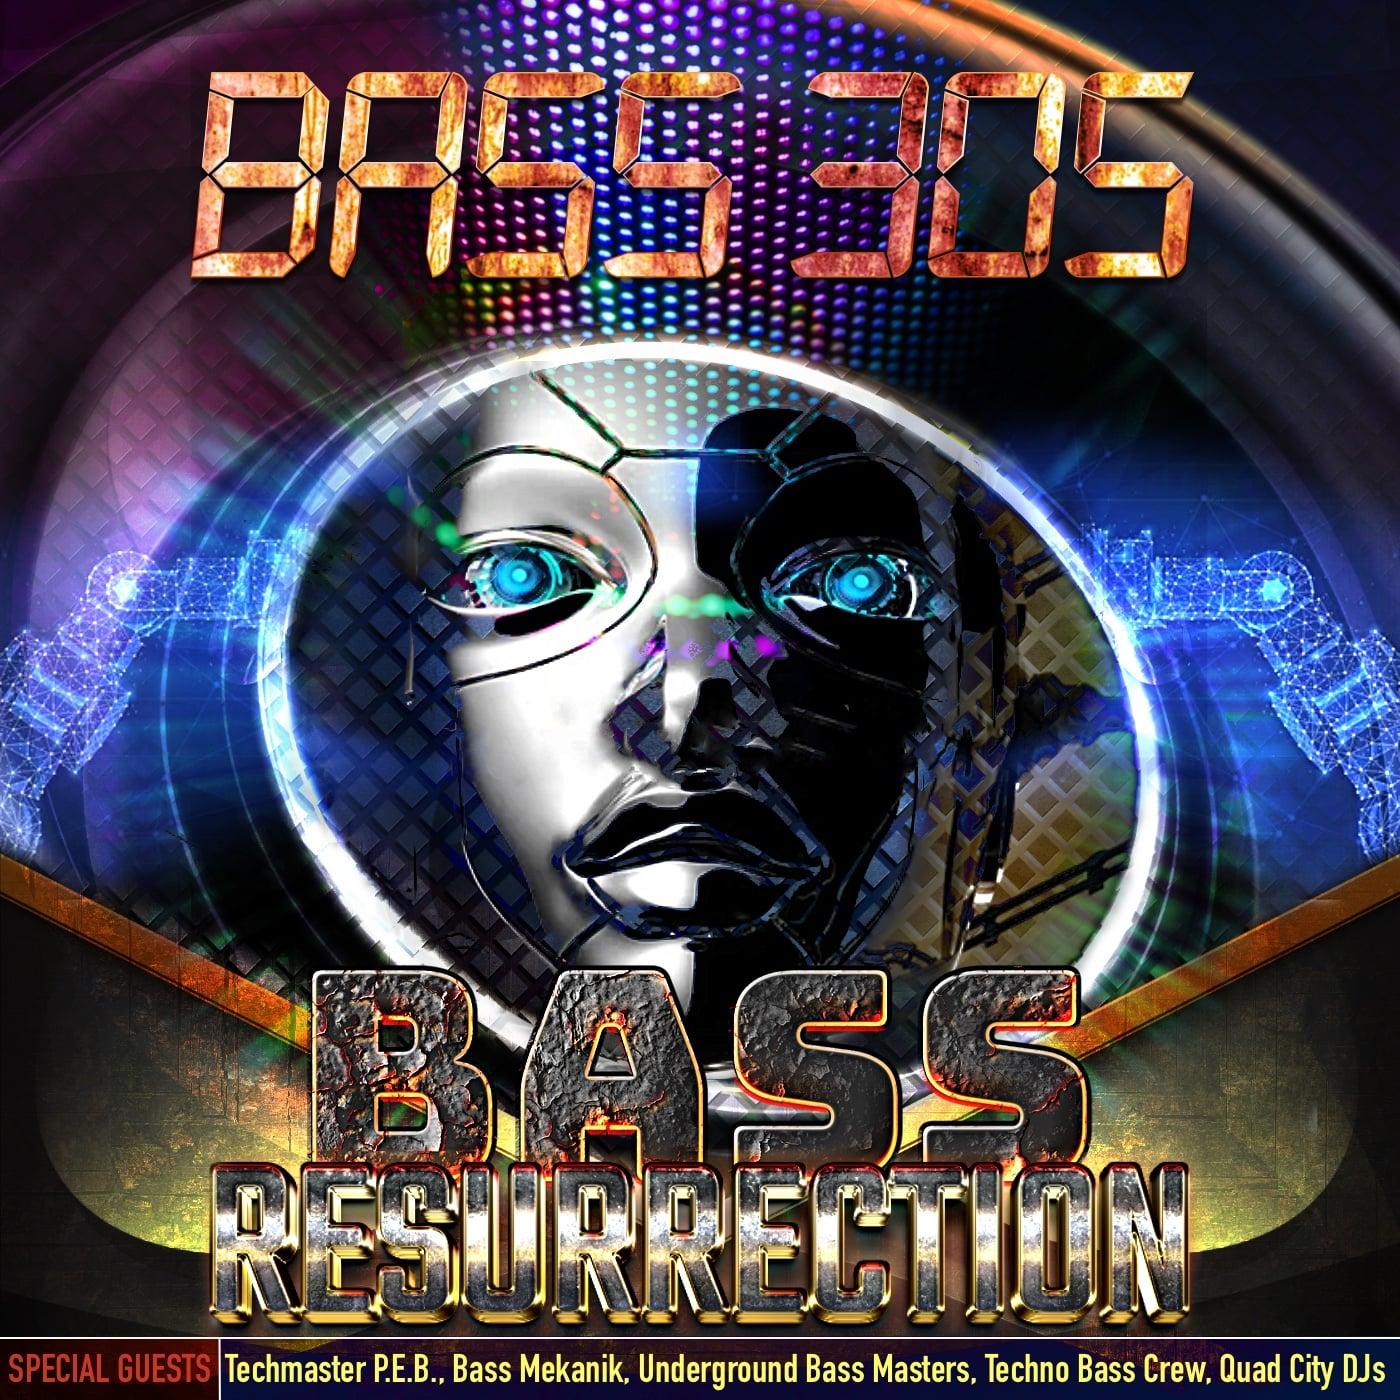 Bass 305's Bass Resurrection album